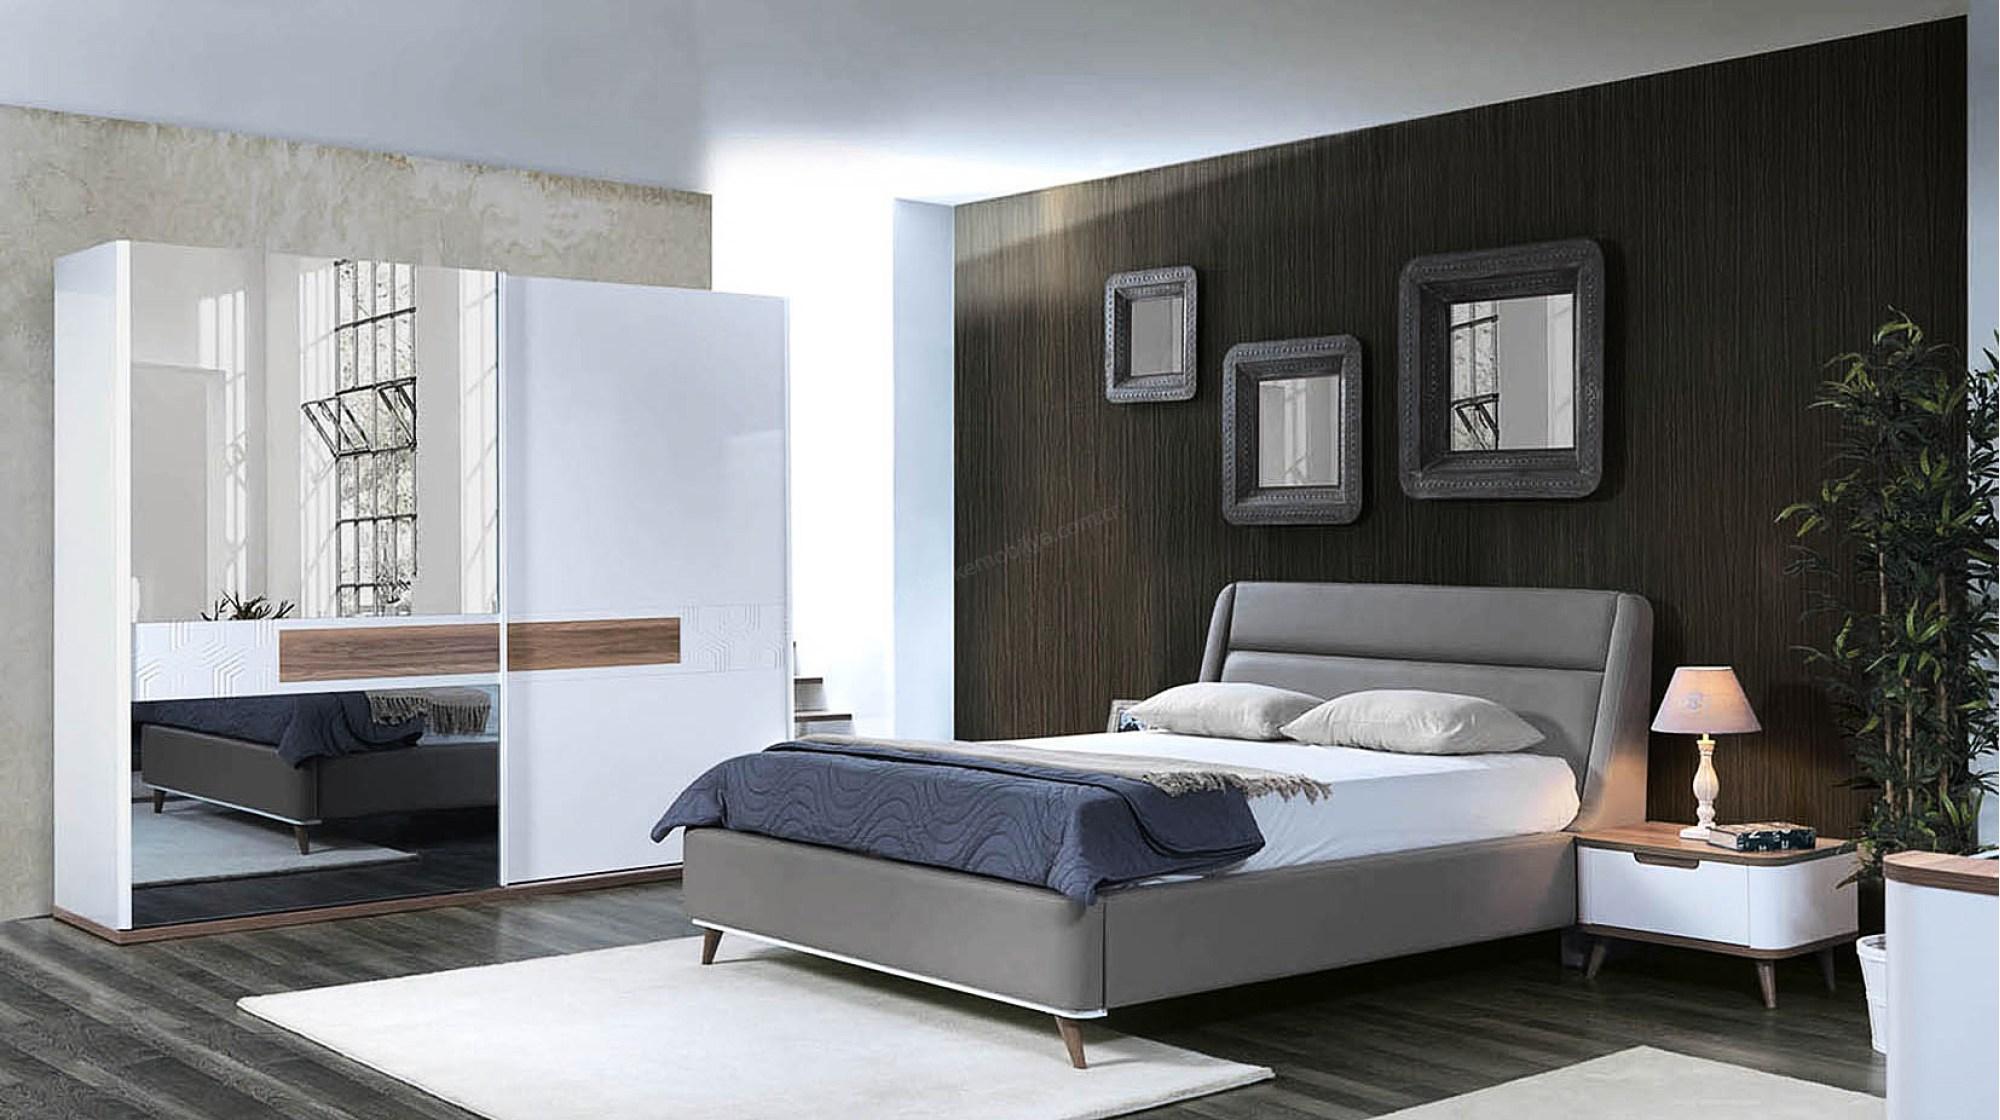 Yatak odası dekorasyonu için modern öneriler